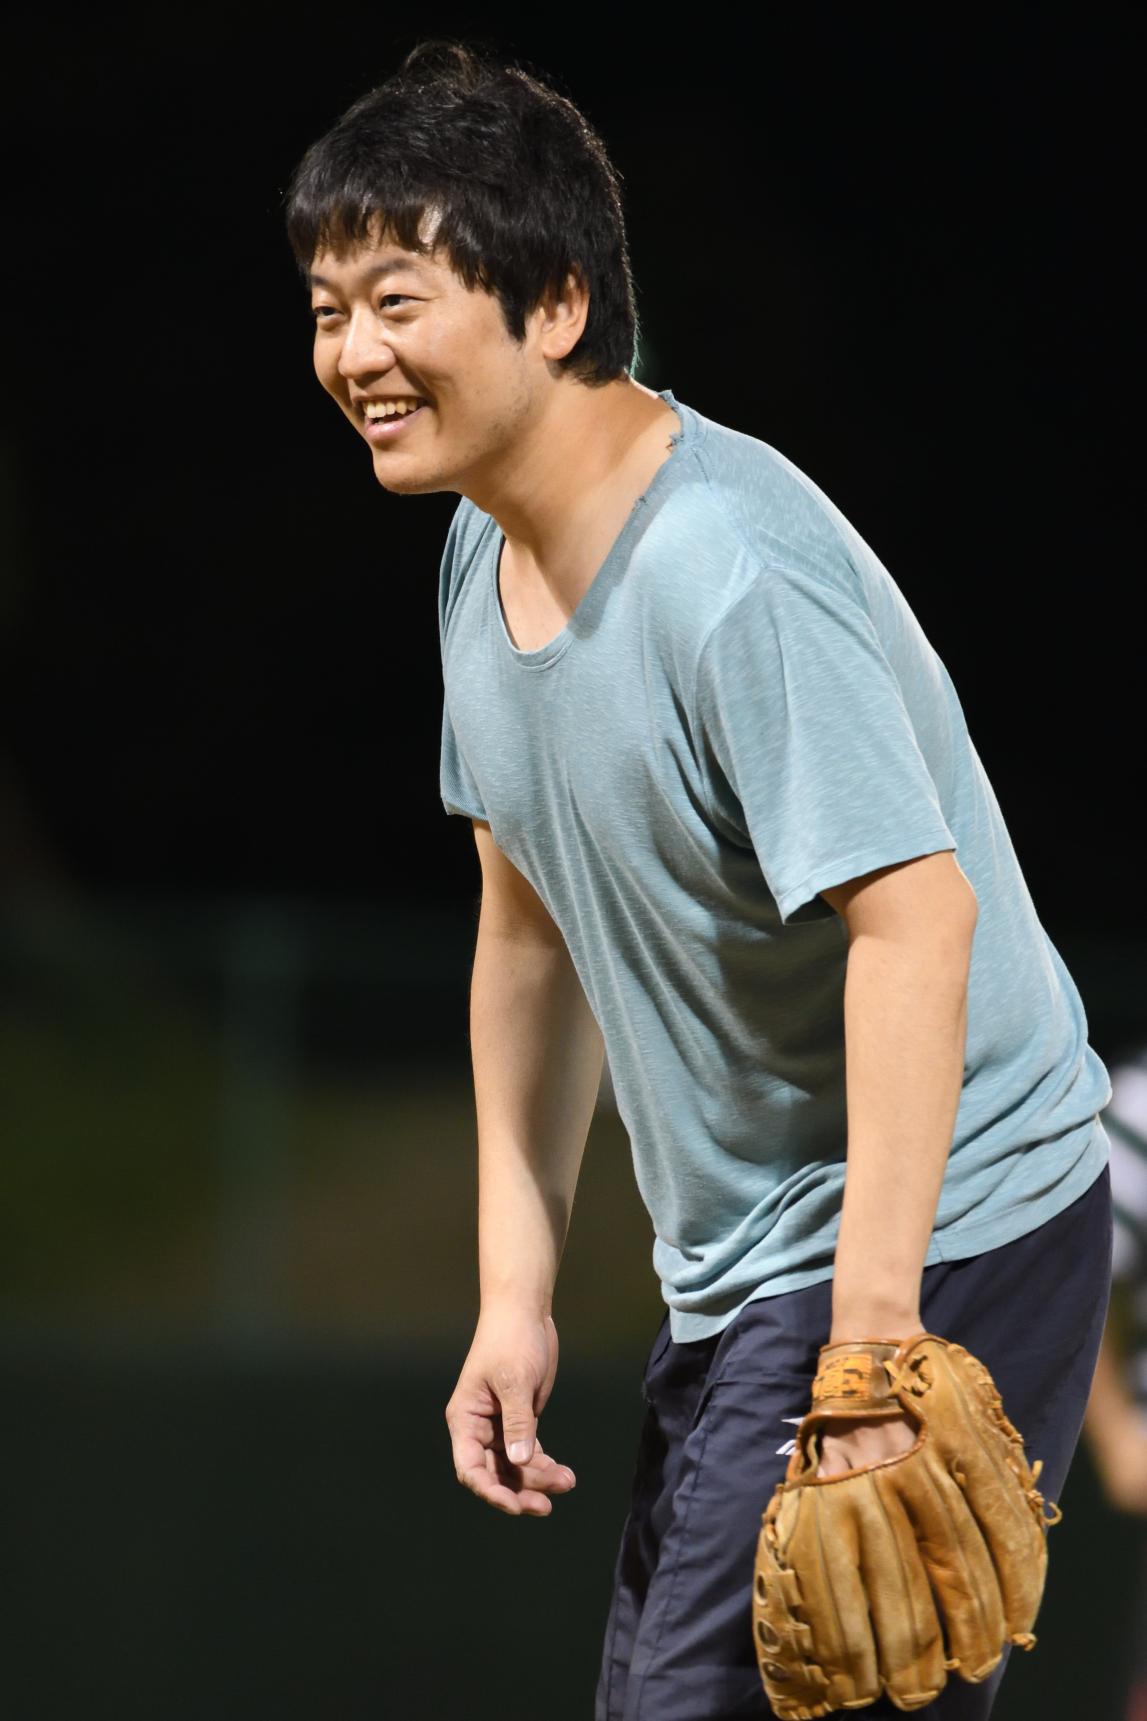 今年専門医試験を受ける吉田先生。試験のことを忘れ、満面の笑みです。